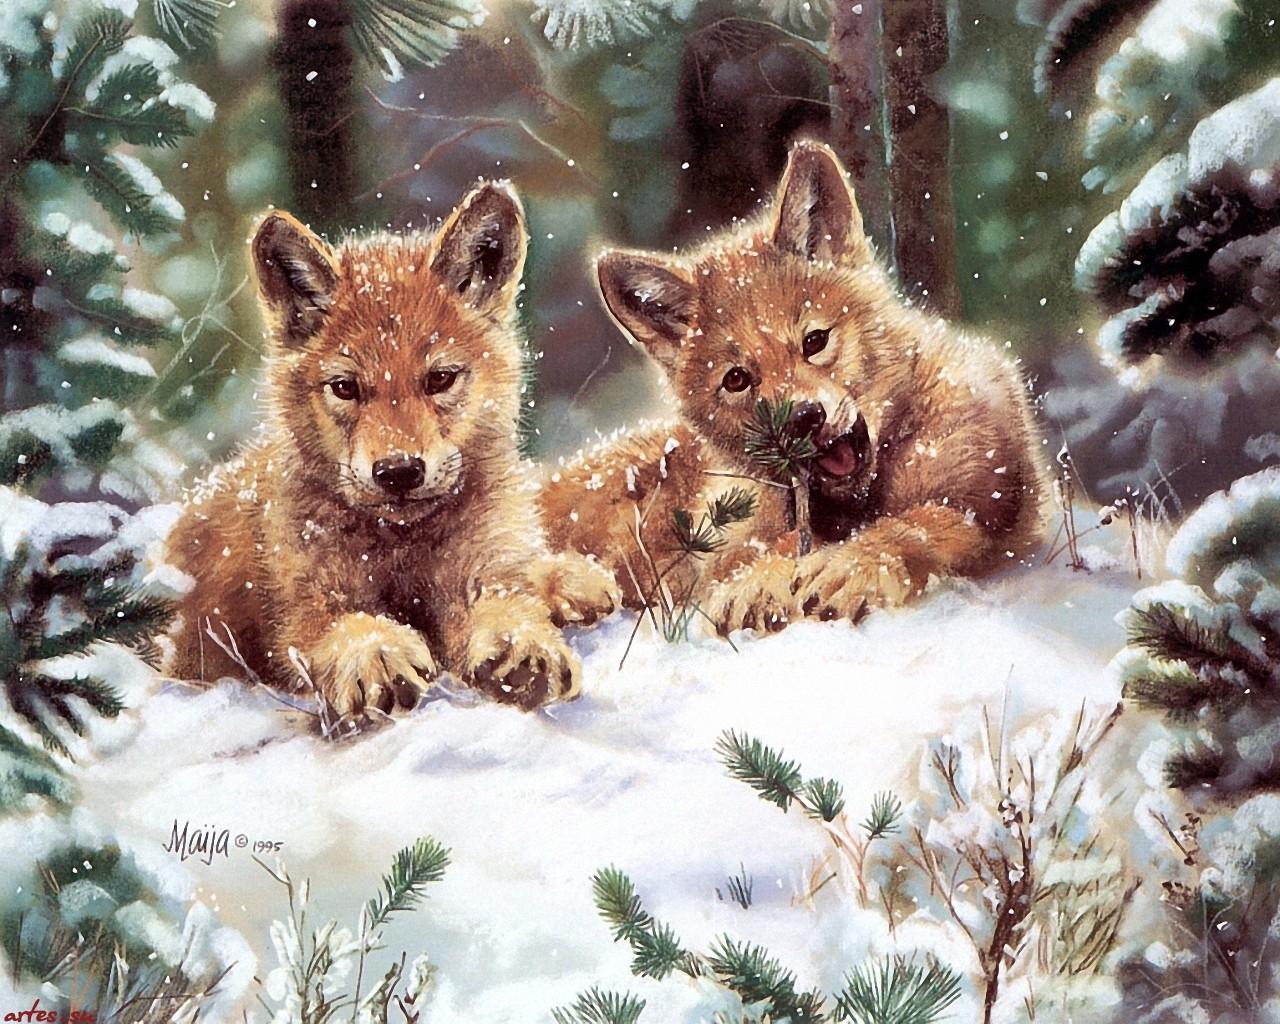 Очень красивые картинки зима - ЗИМА АНИМАЦИИ И АНИМАШКИ - - Прикольные фотки онлайн - Gif анимации, картинки, анимашки скачать б